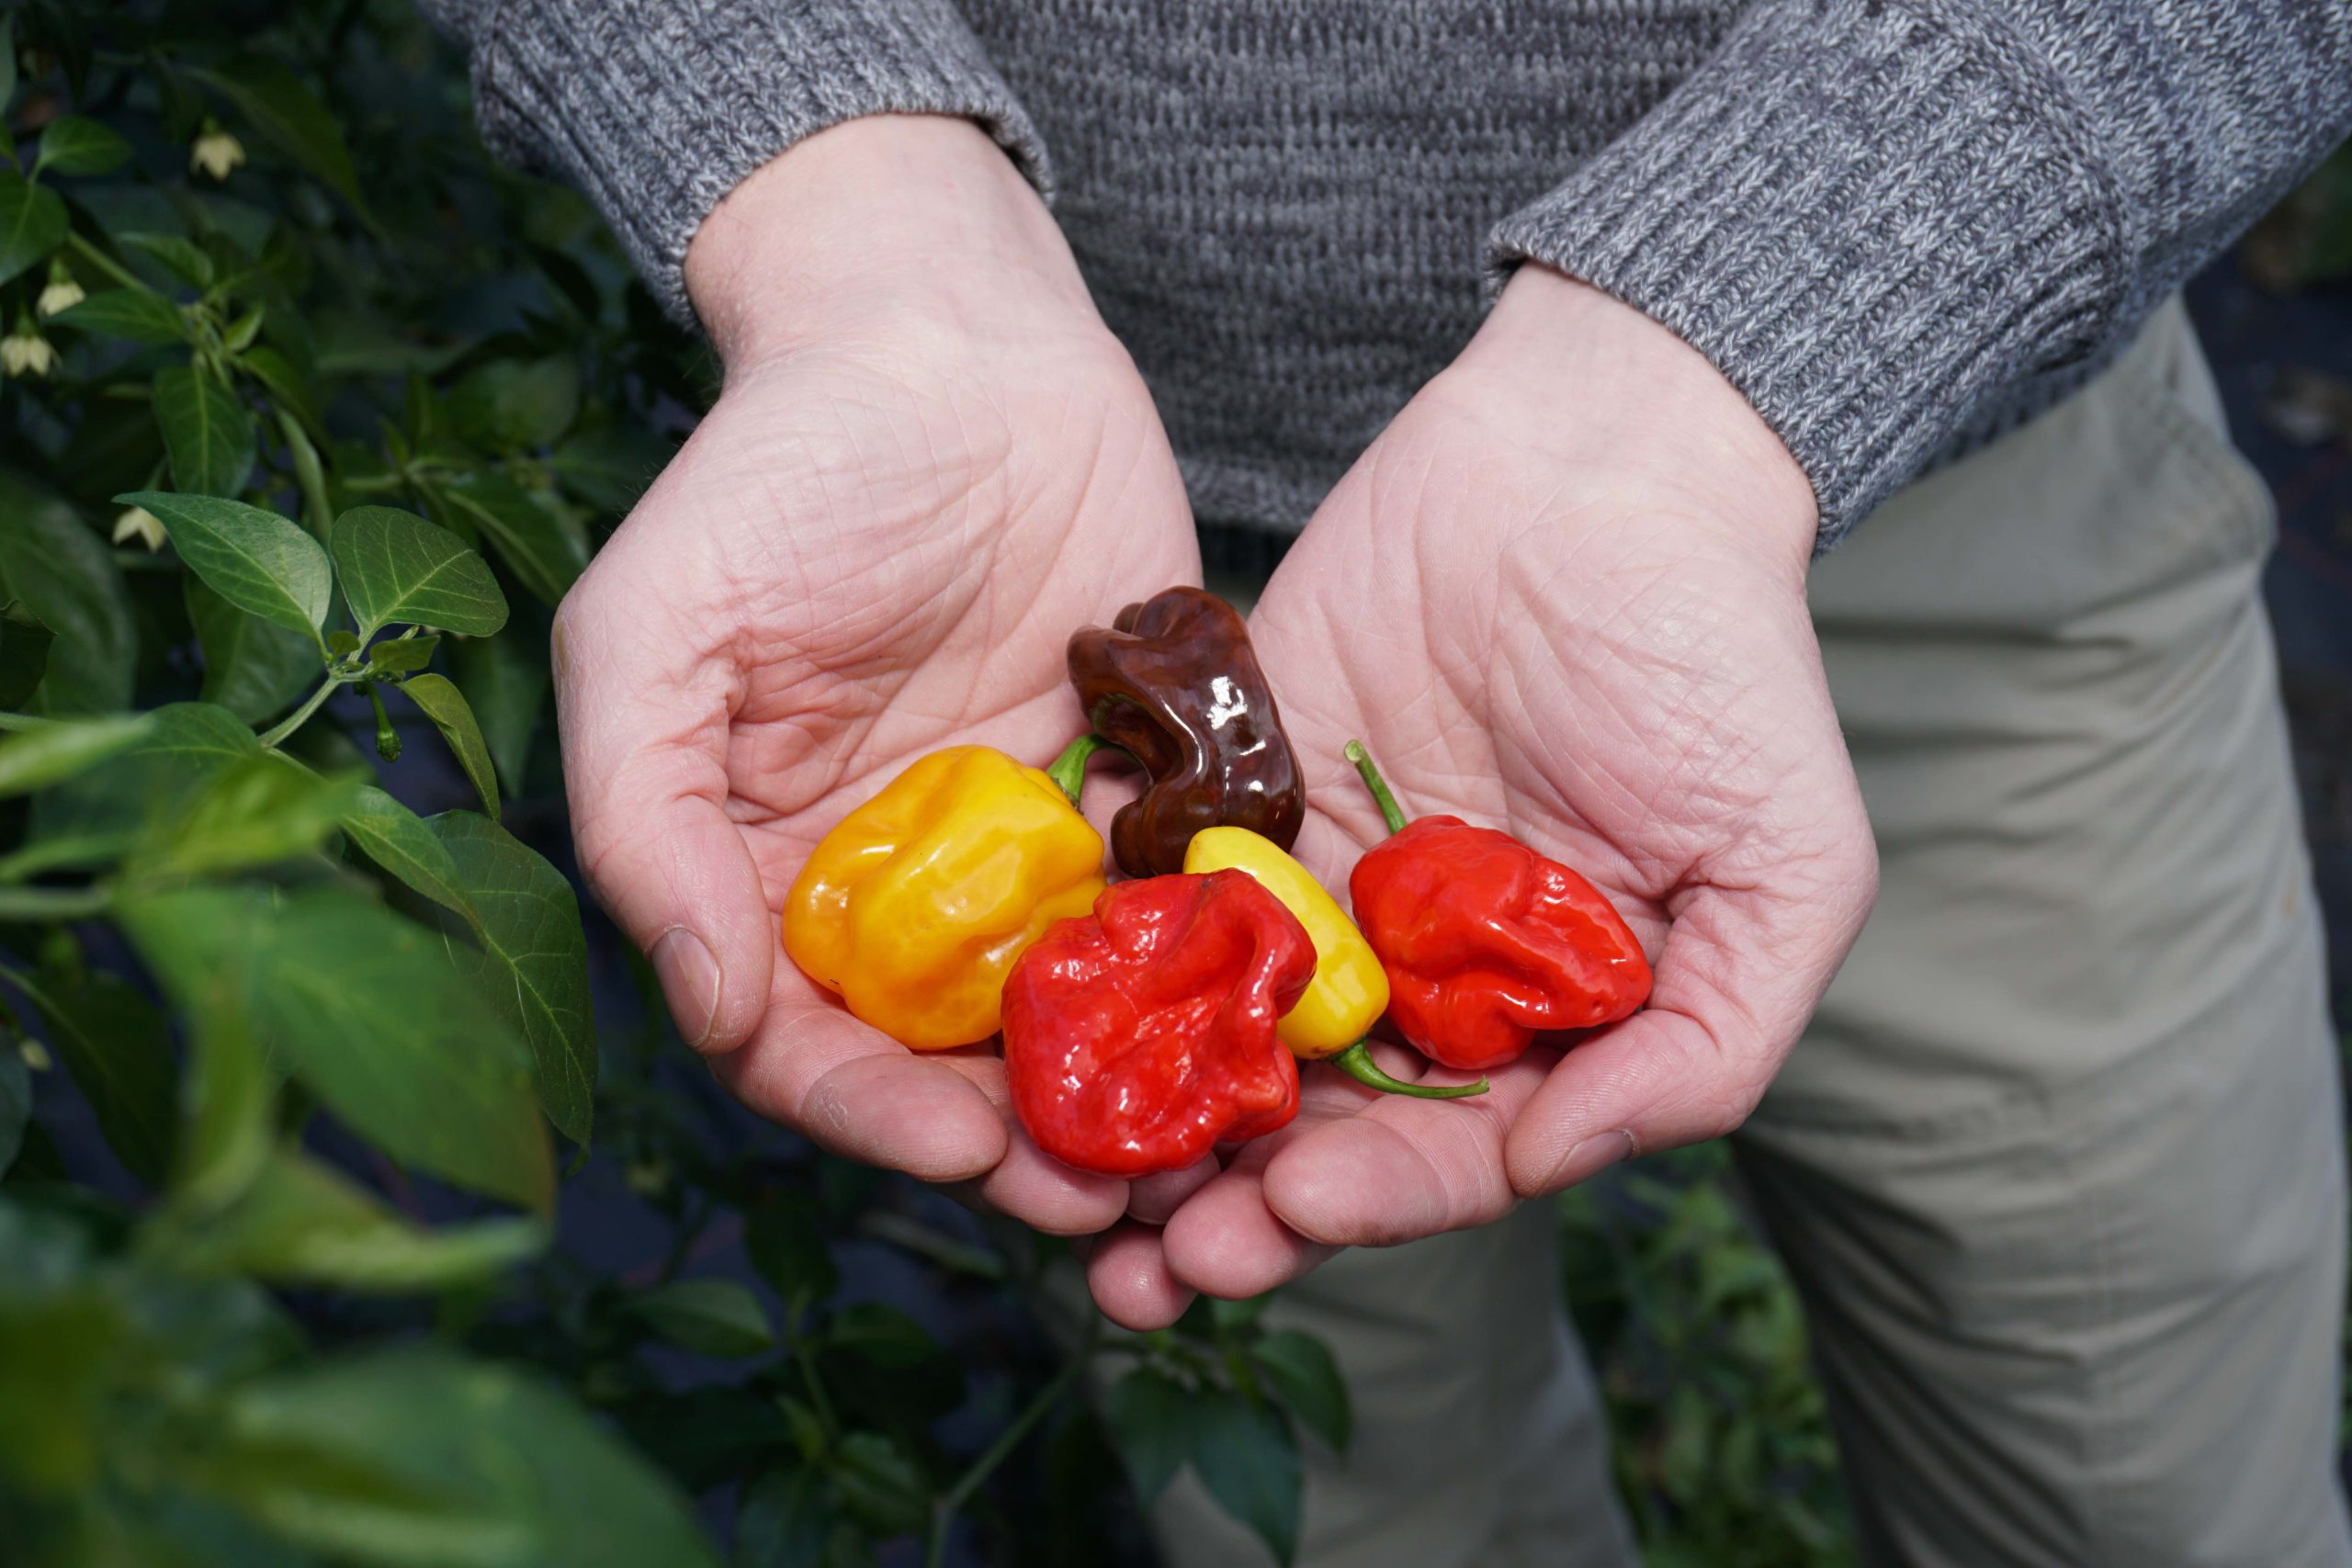 Hand mit Chilis in verschiedenen Farben von gelb über rot bis violett